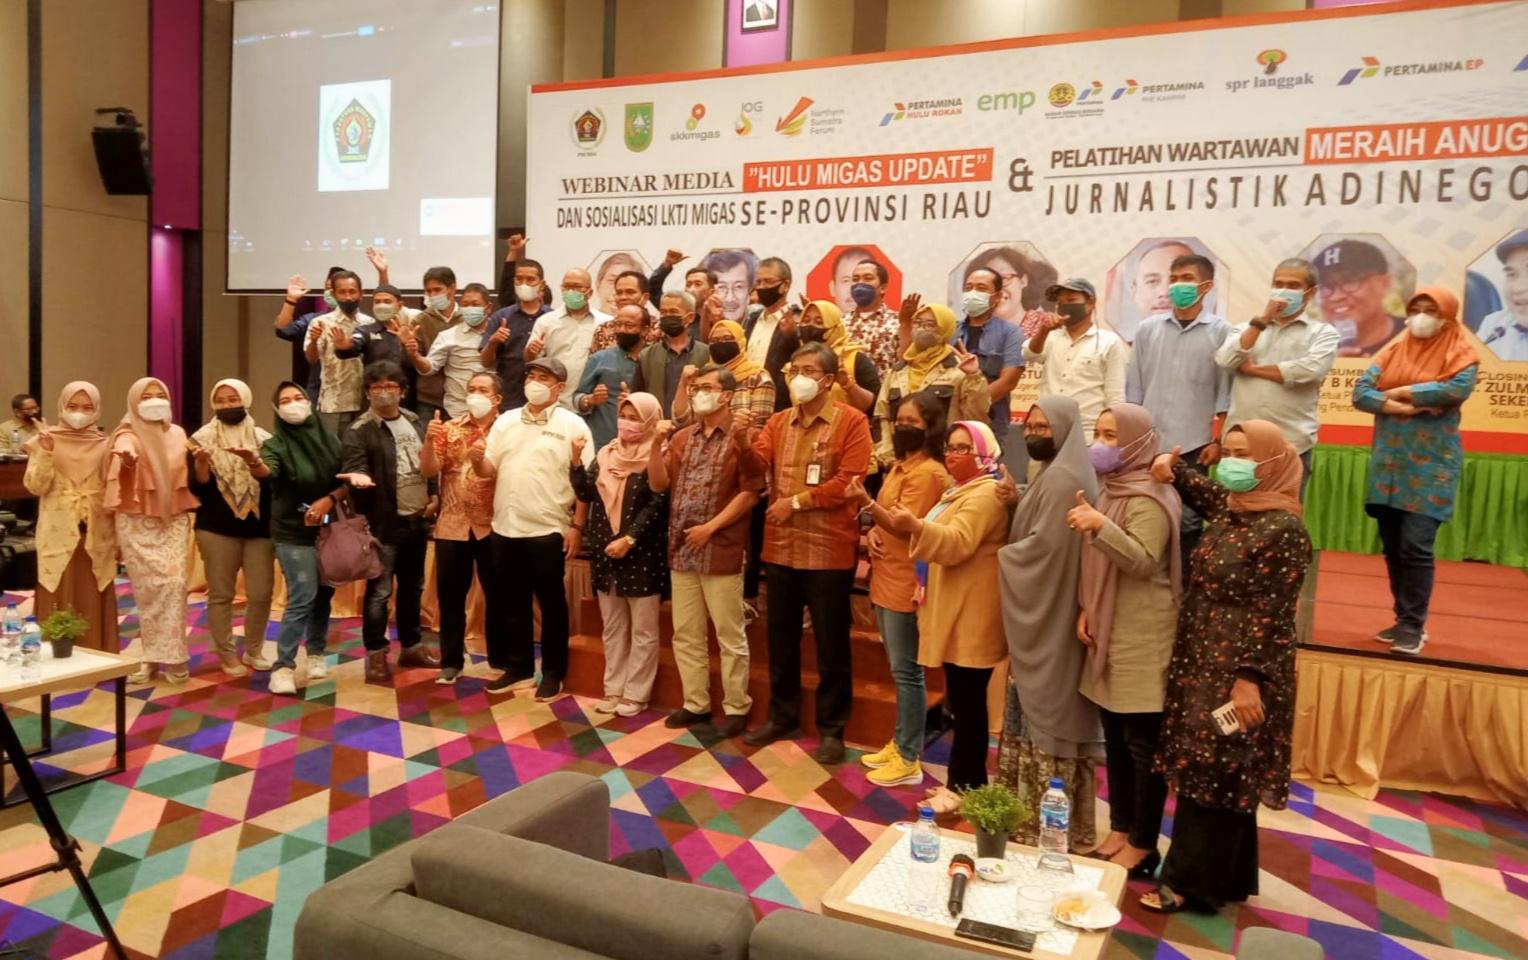 PWI Riau dan SKK Migas Sosialisasi LKTJ Migas dan Anugerah Jurnalistik Adinegoro